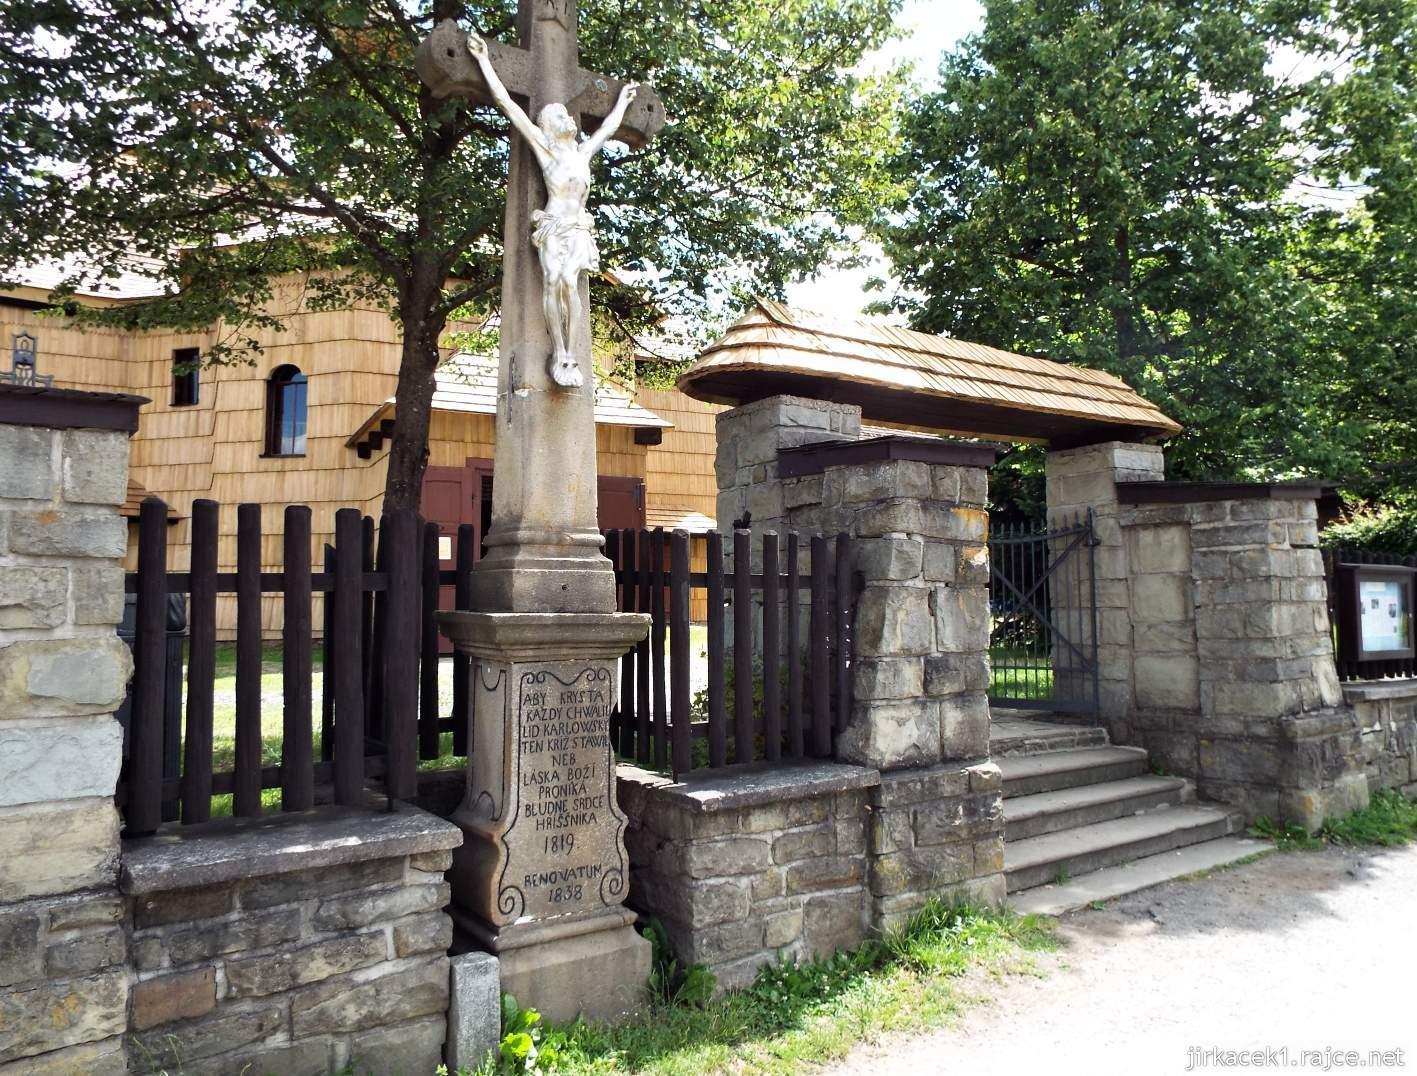 Velké Karlovice - Kostel Panny Marie Sněžné 24 - kříž s Kristem u vchodu do areálu